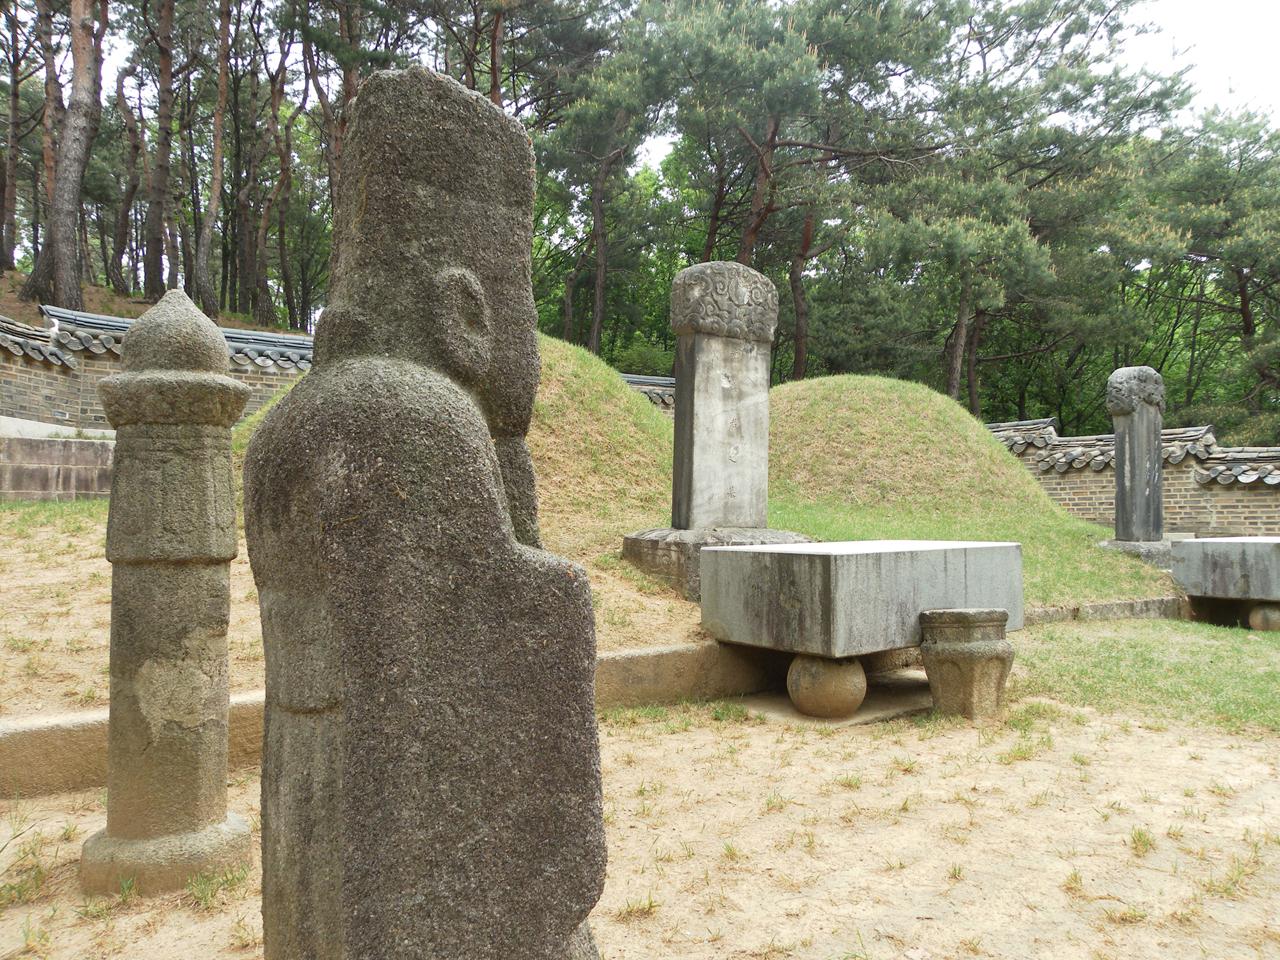 경기도 남양주시 진건면의 산비탈에 조성되어 있는 광해군묘.